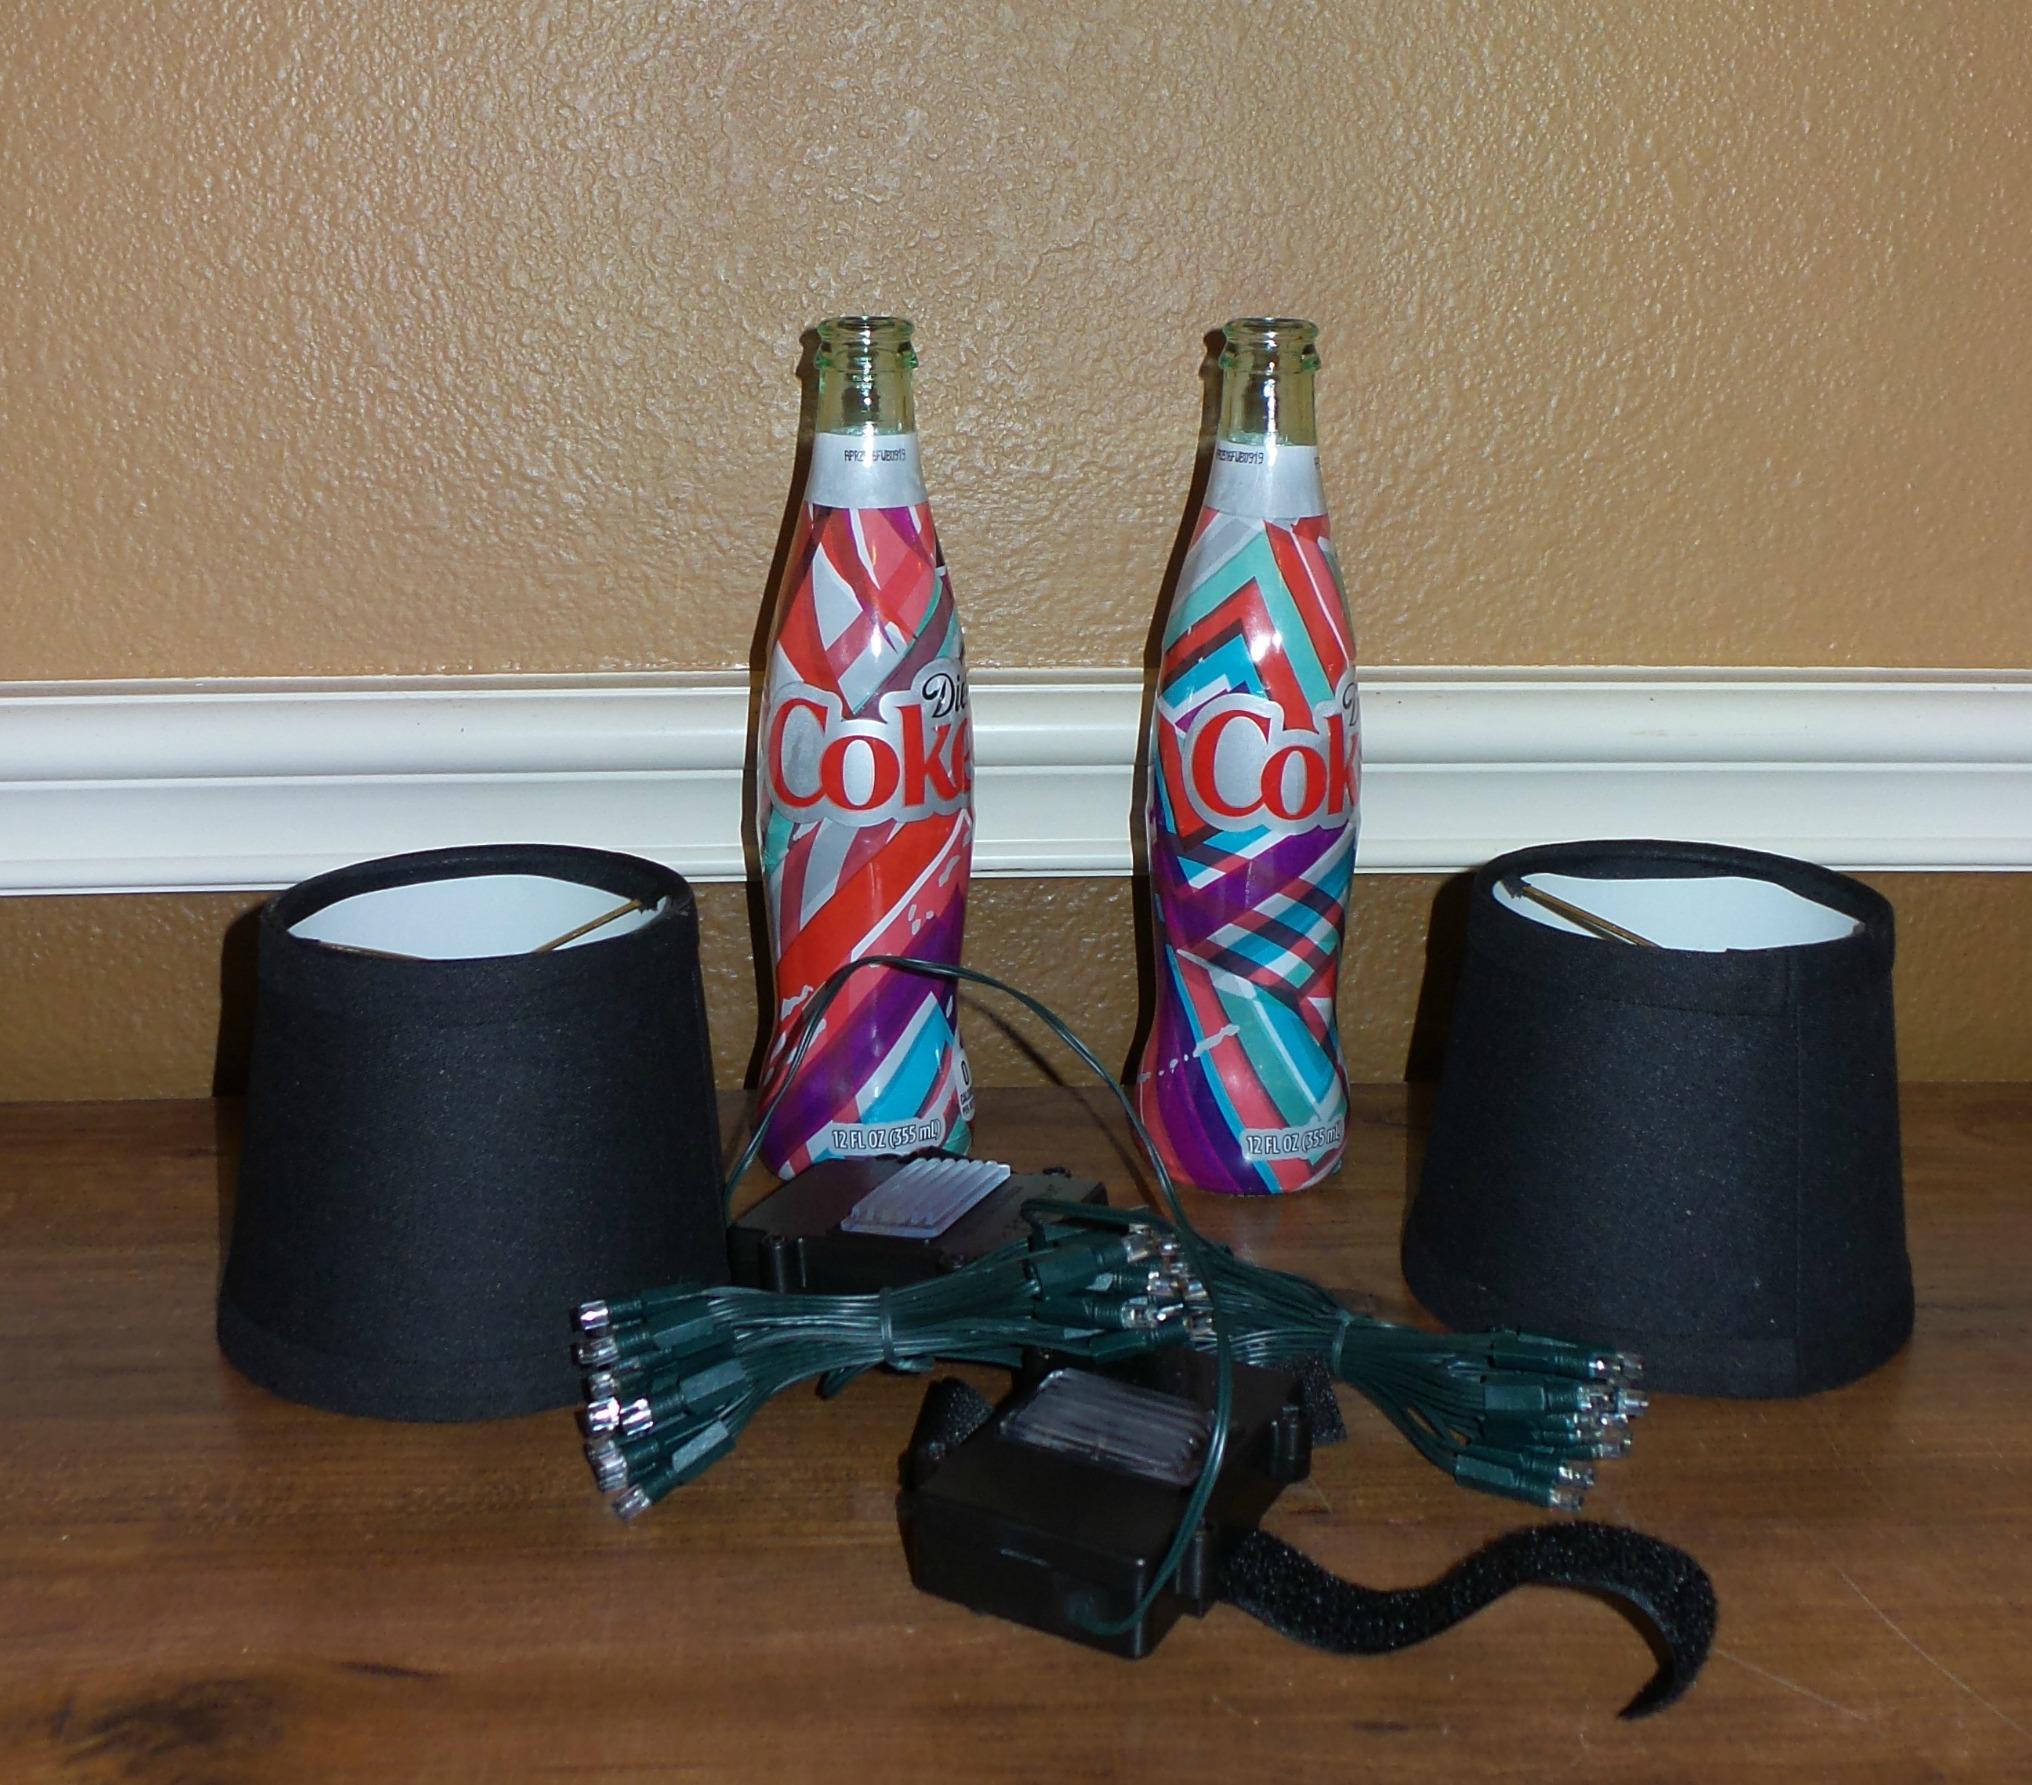 coke bottle lamp supplies